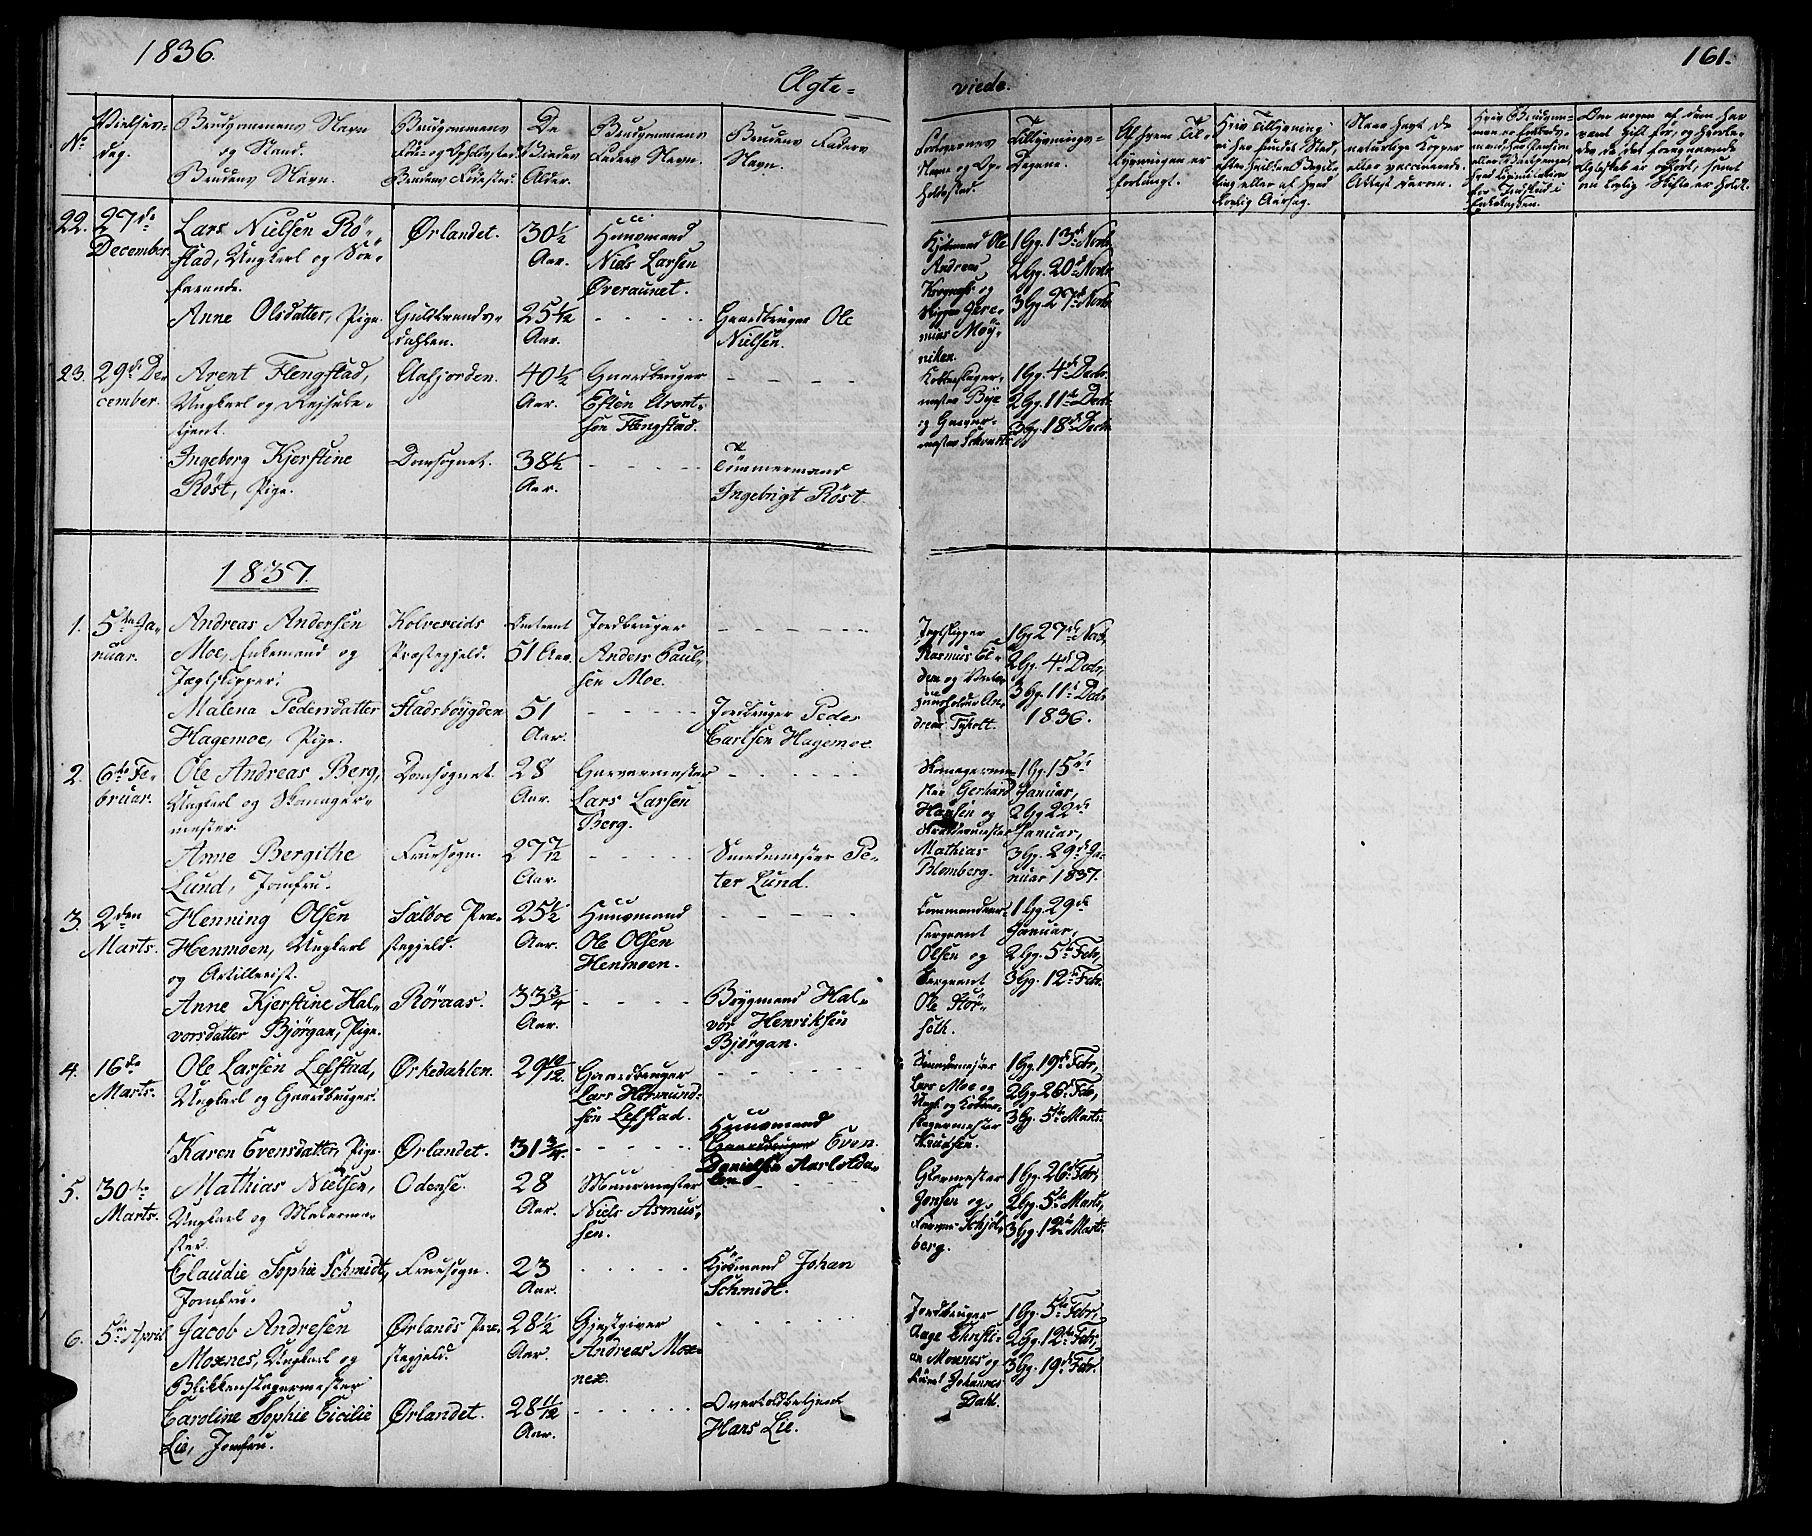 SAT, Ministerialprotokoller, klokkerbøker og fødselsregistre - Sør-Trøndelag, 602/L0136: Klokkerbok nr. 602C04, 1833-1845, s. 161